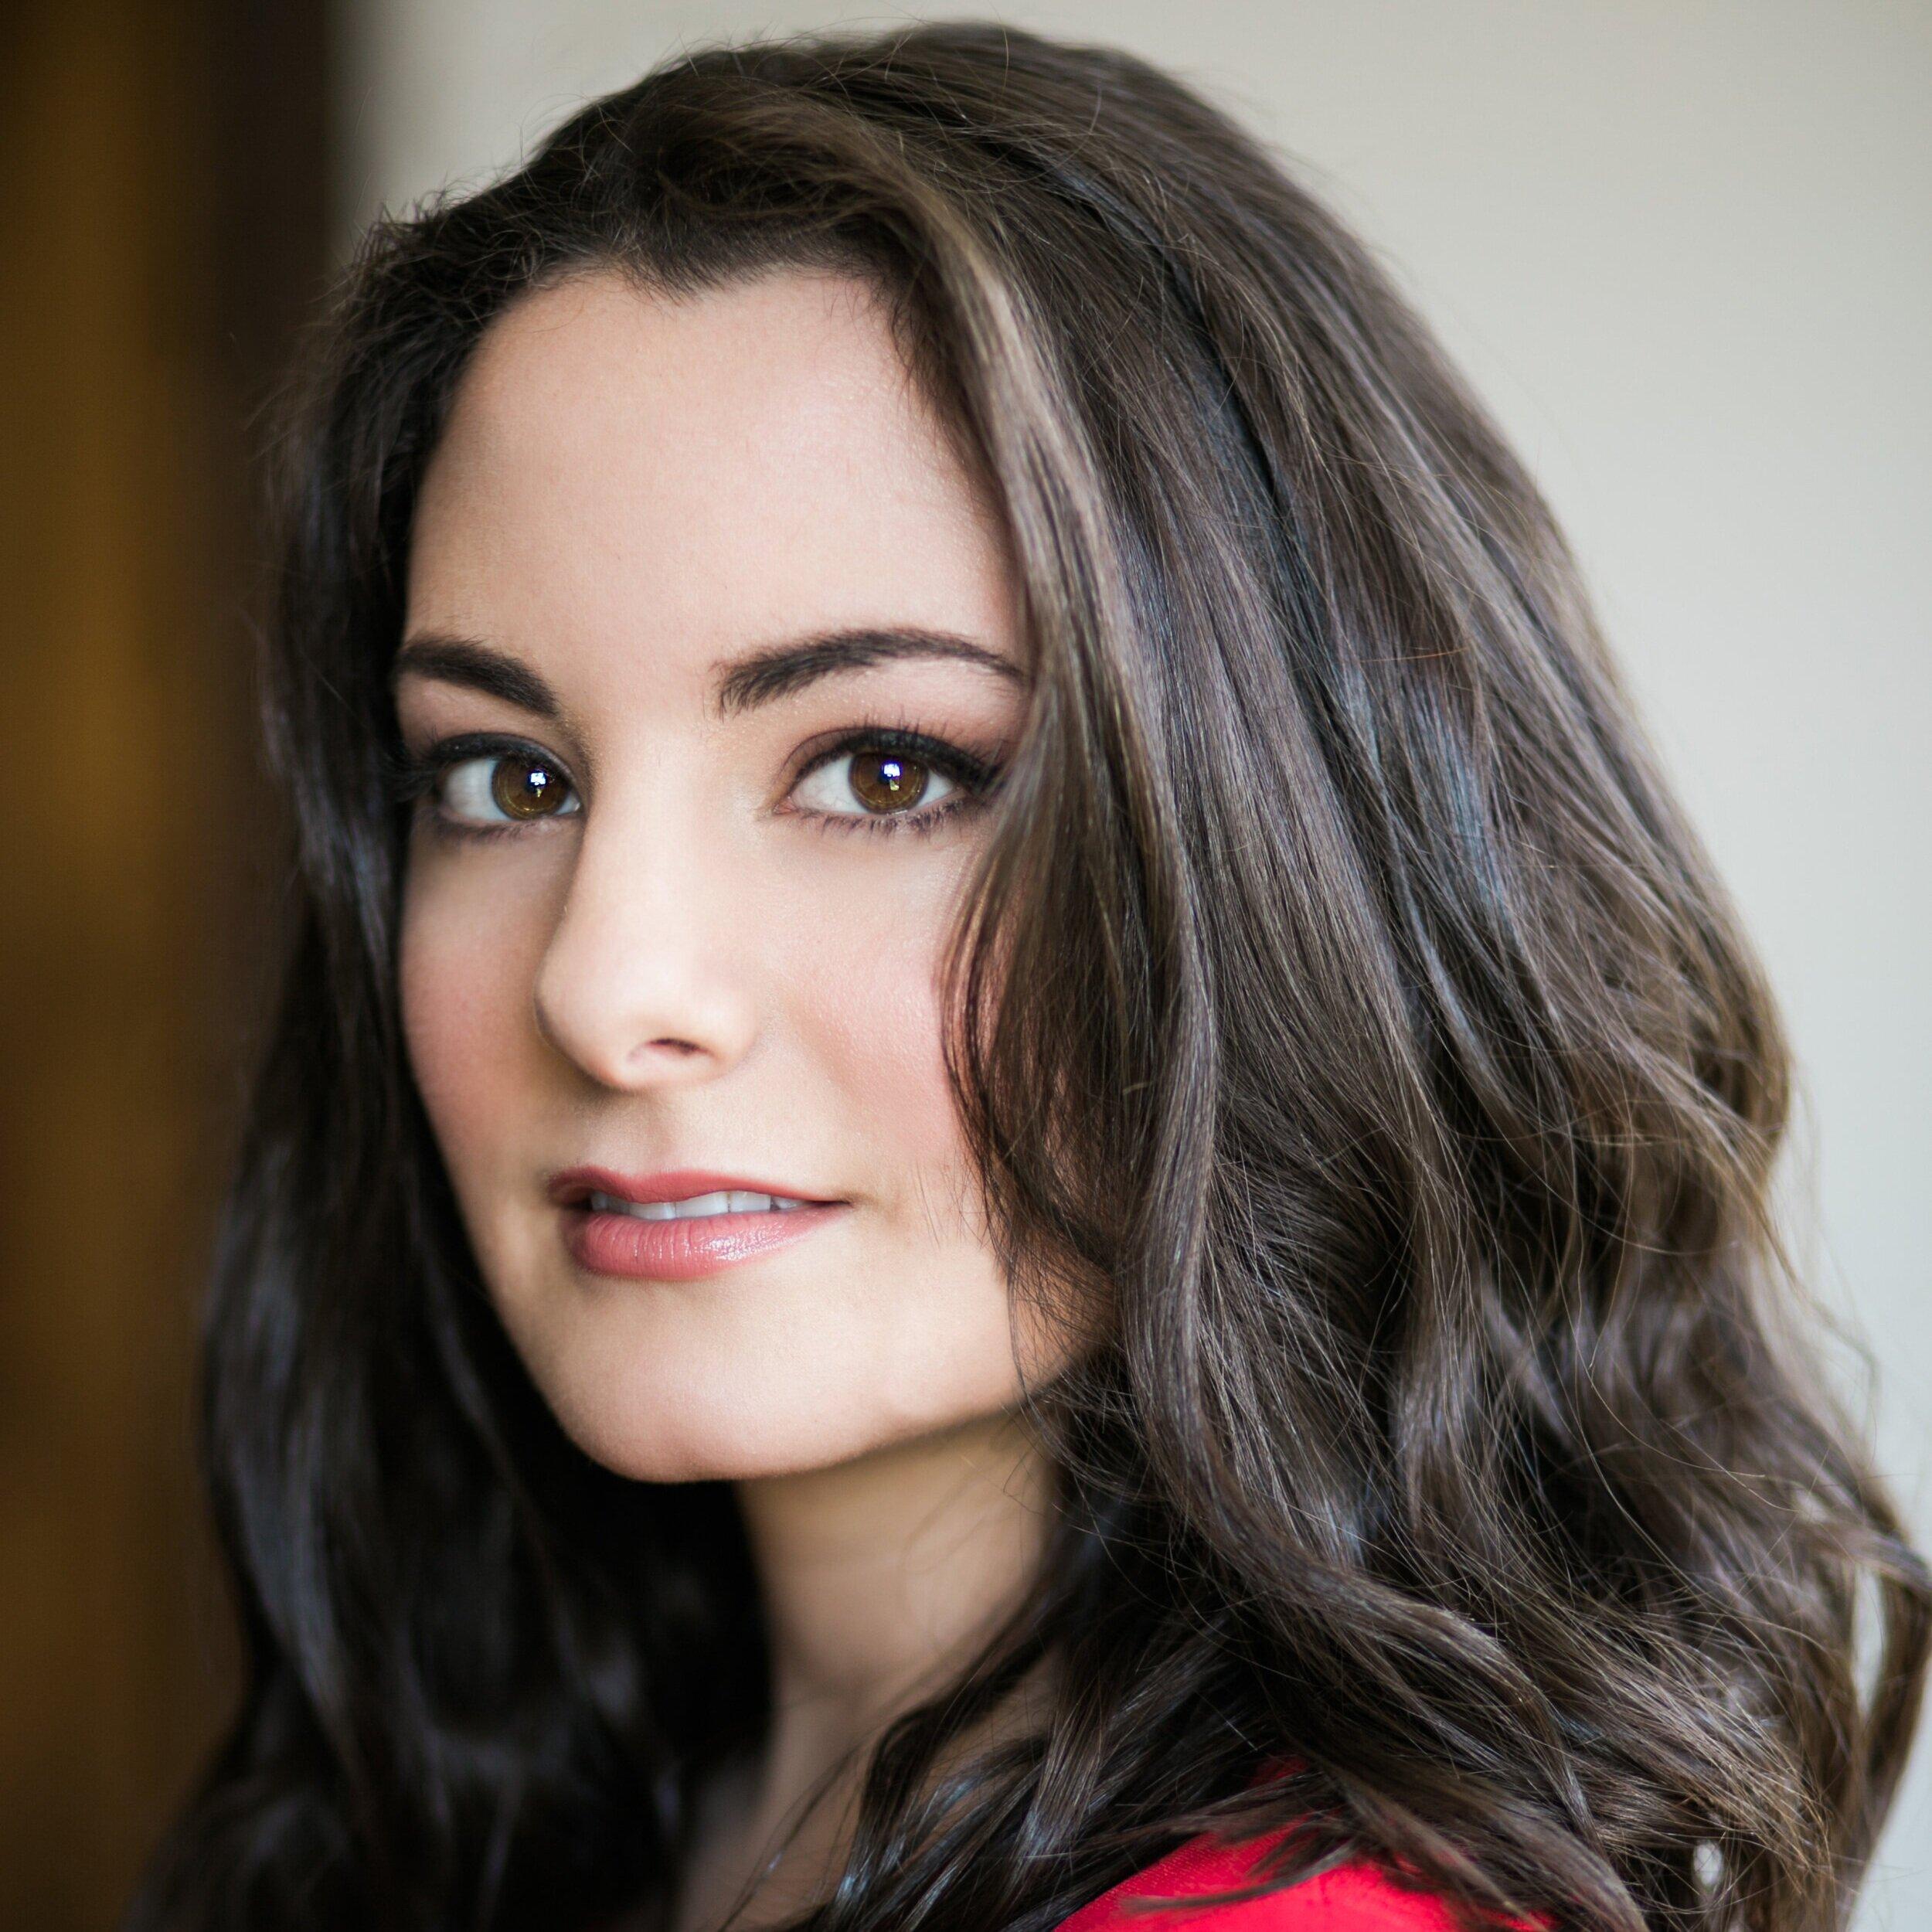 Gina Perregrino, mezzo-soprano